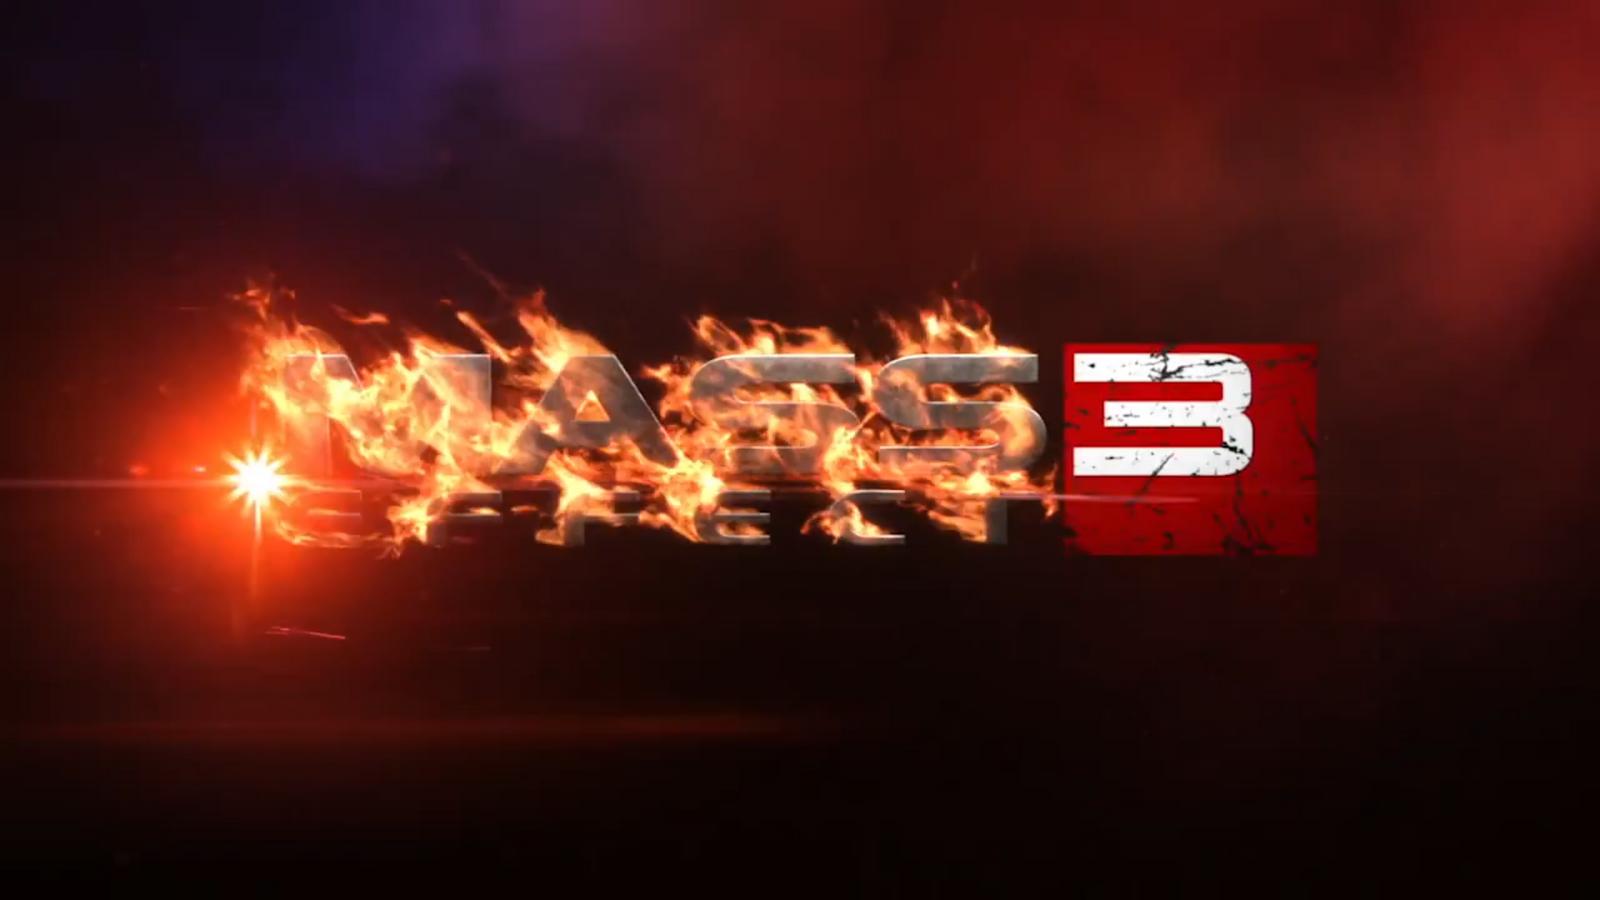 http://1.bp.blogspot.com/-S_QVTrRcQ3g/UI37mPahqfI/AAAAAAAAFkM/PAvhJya-jCM/s1600/mass-effect-3-logo-on-fire.png